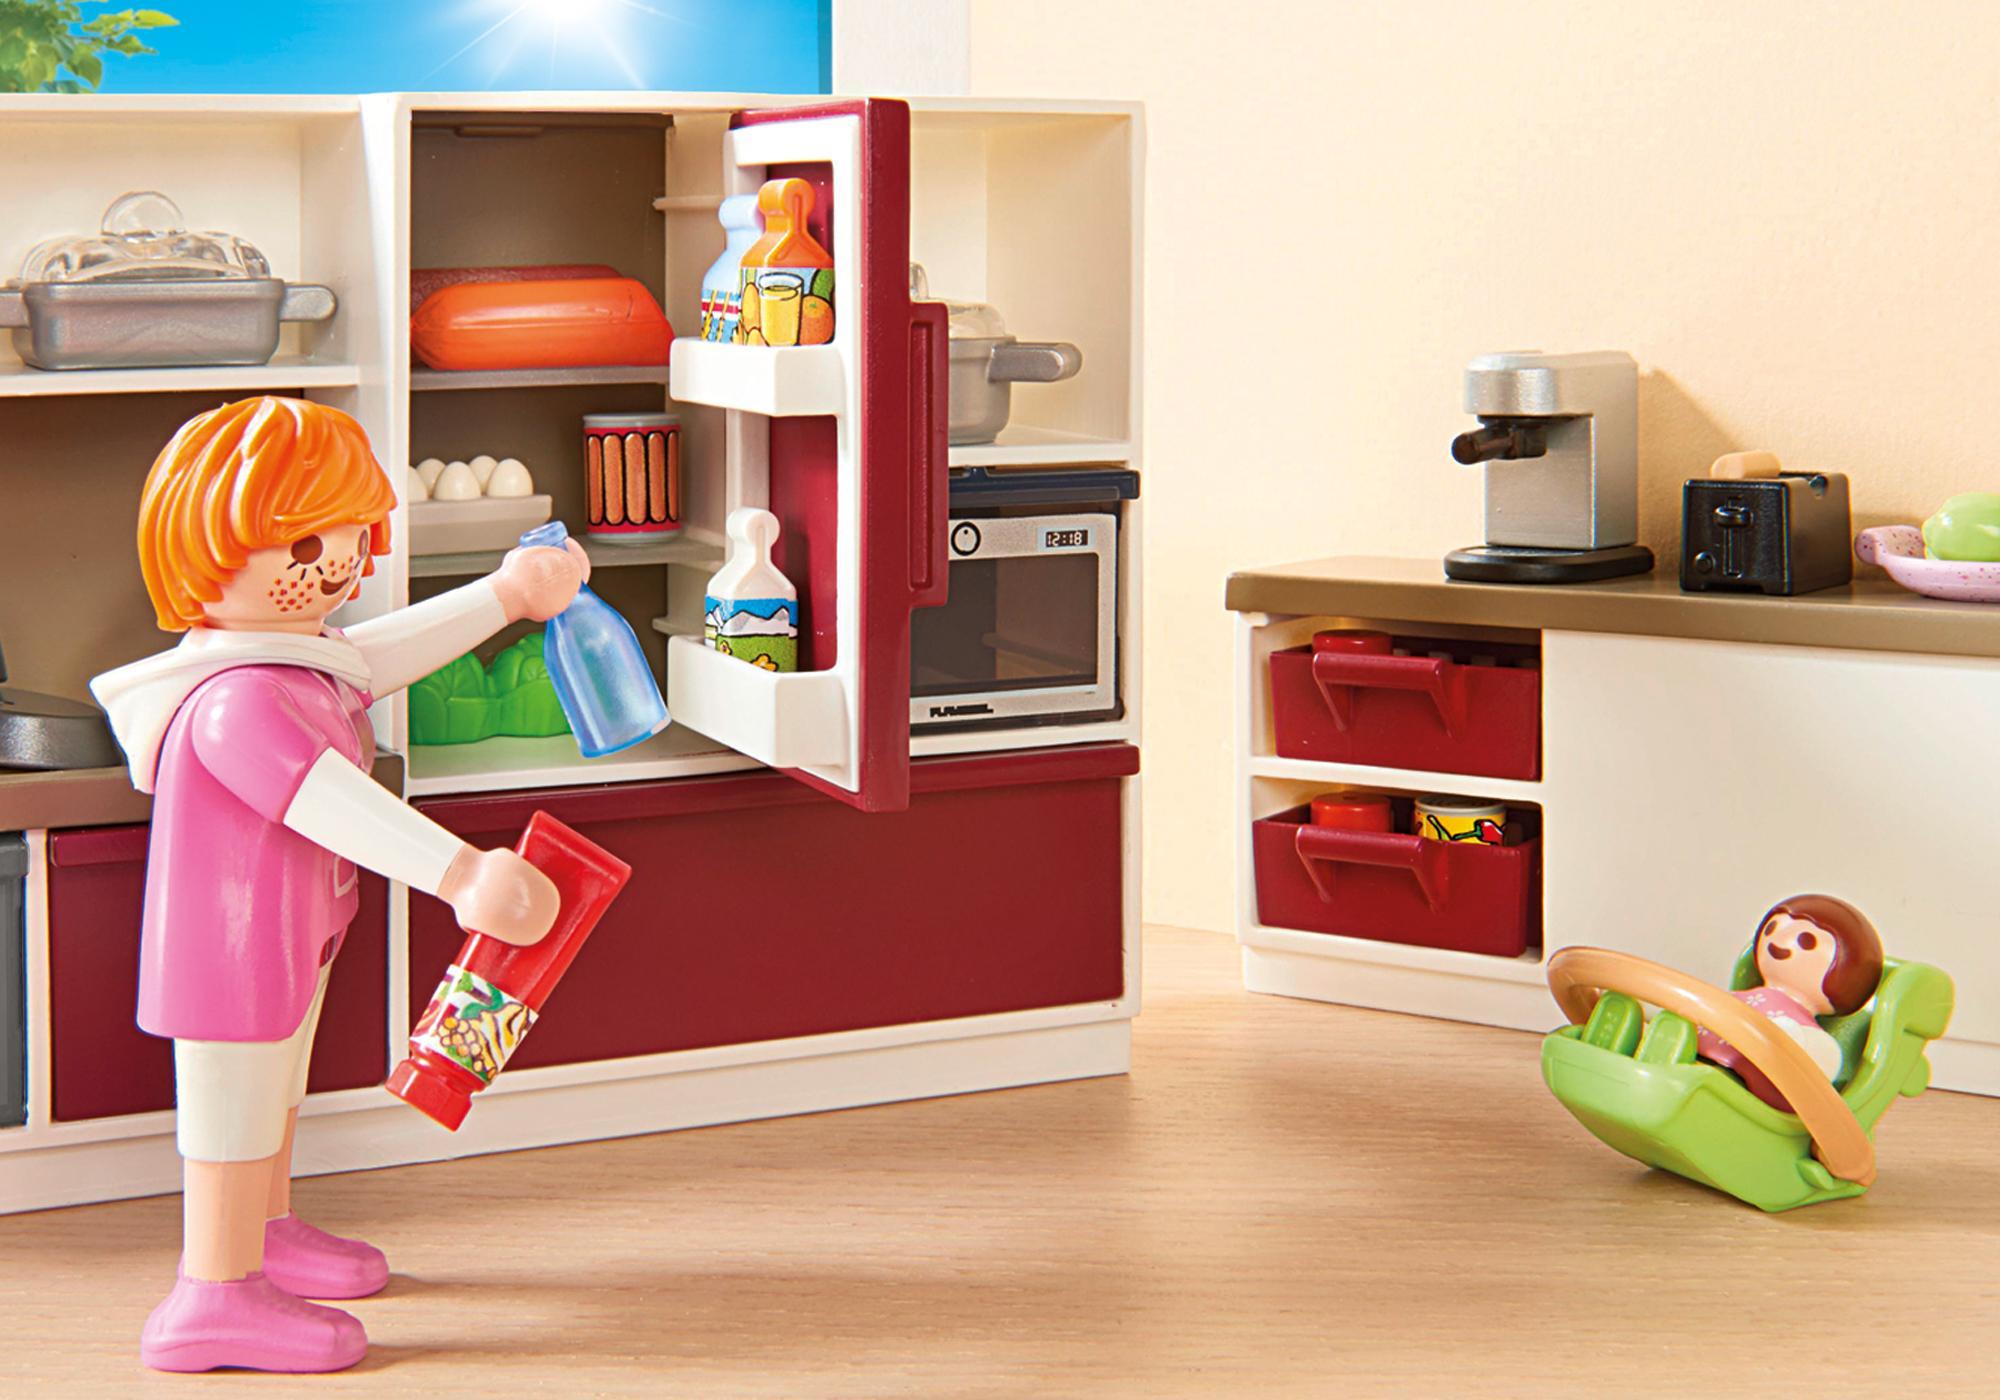 http://media.playmobil.com/i/playmobil/9269_product_extra3/Stort samtalekøkken